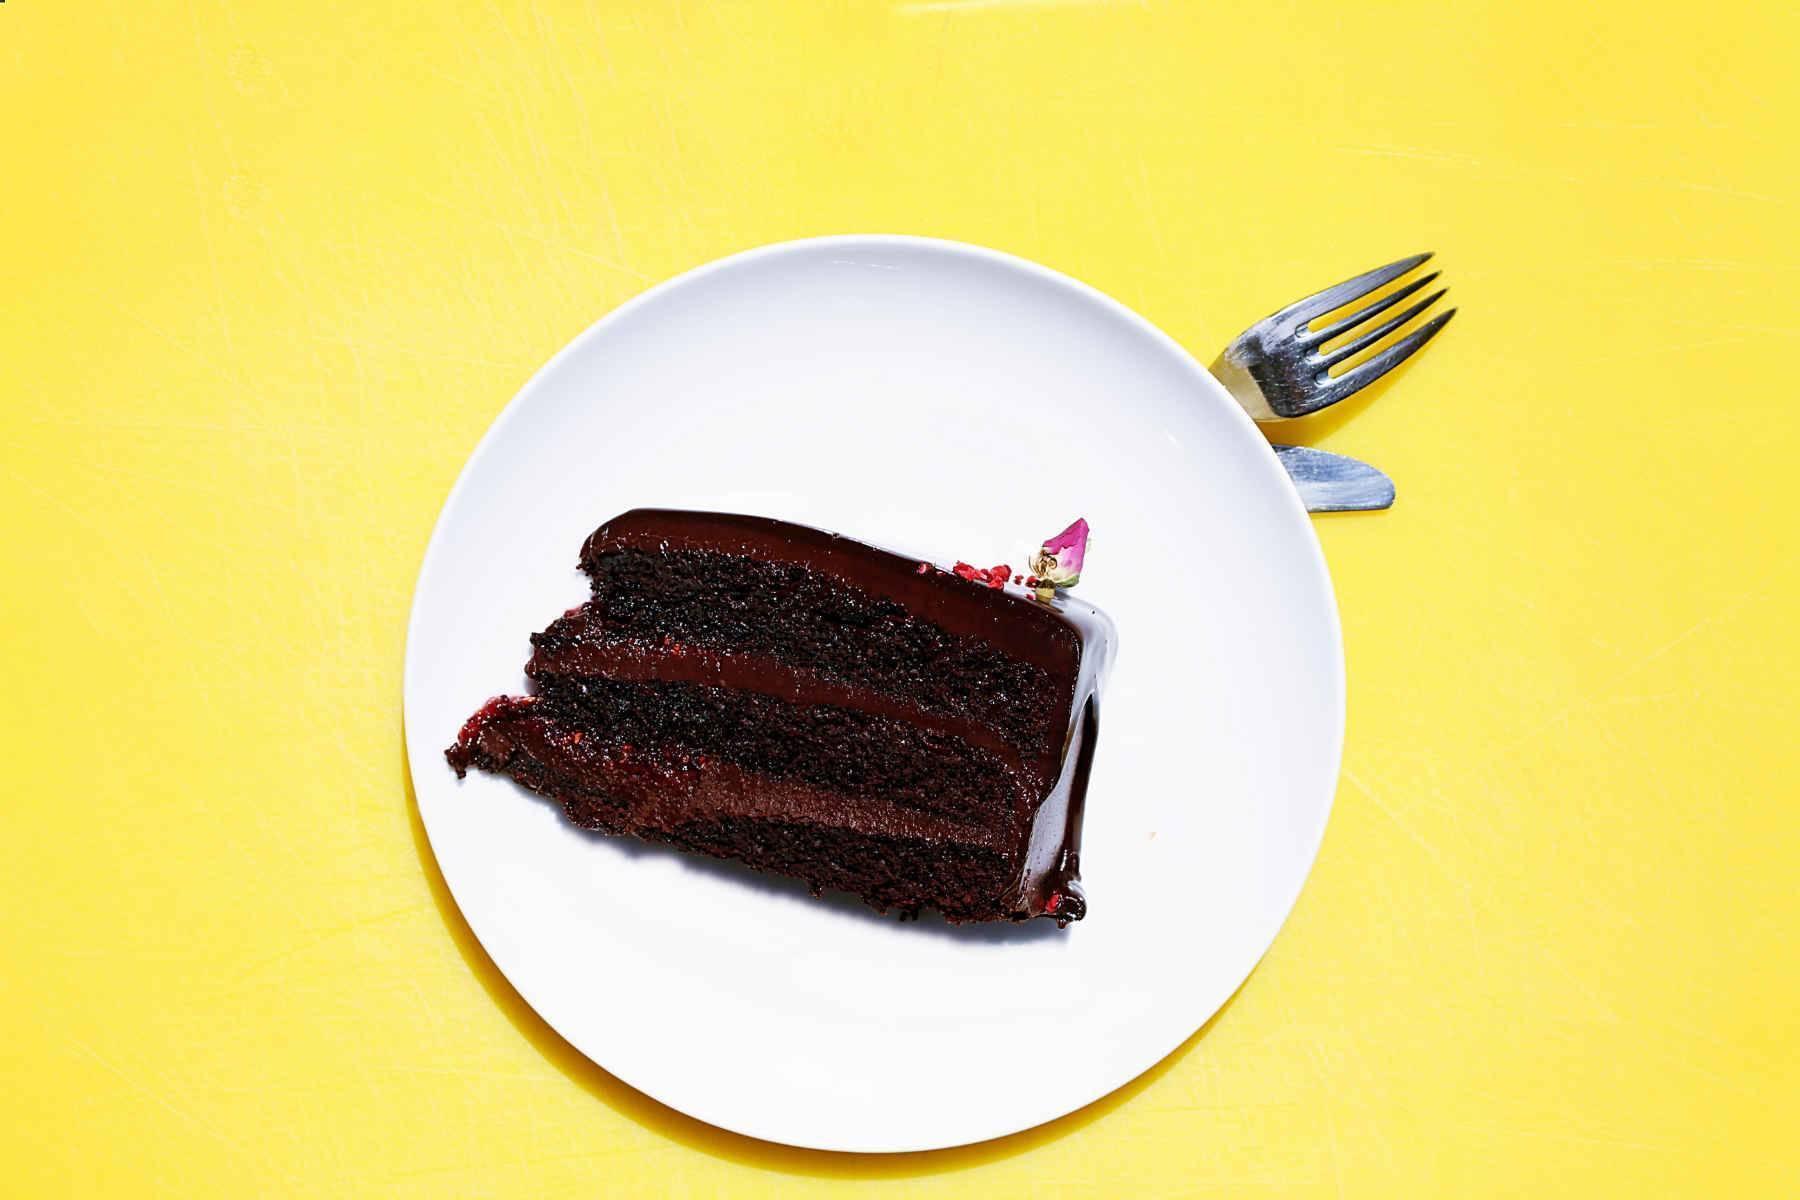 etudes-le-chocolat-noir-peut-reduire-le-stress-et-linflammation-ameliorer-la-memoire